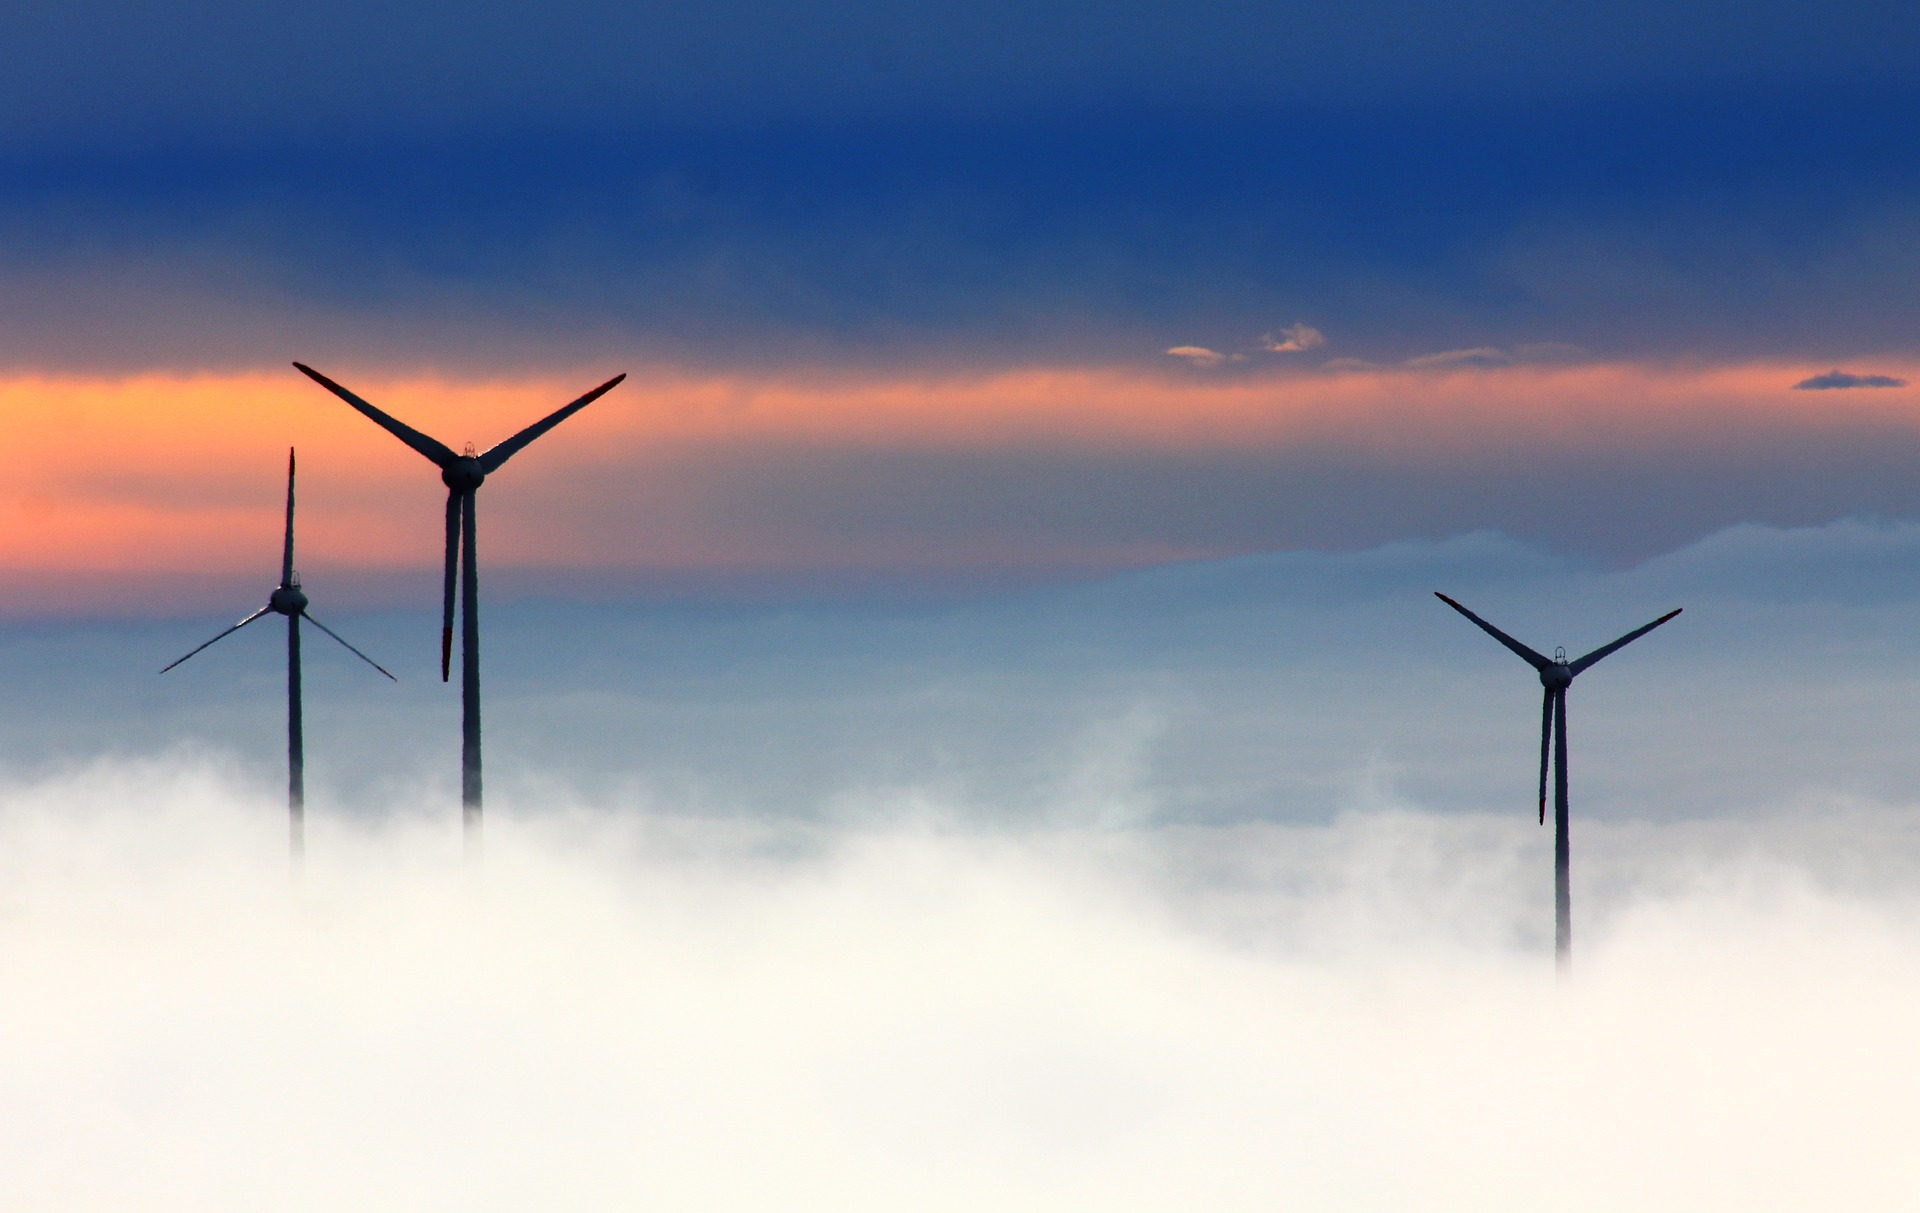 Kuntien päättäjät haluavat jatkaa uusiutuvan energian tukemista. Kuva: Pixabay